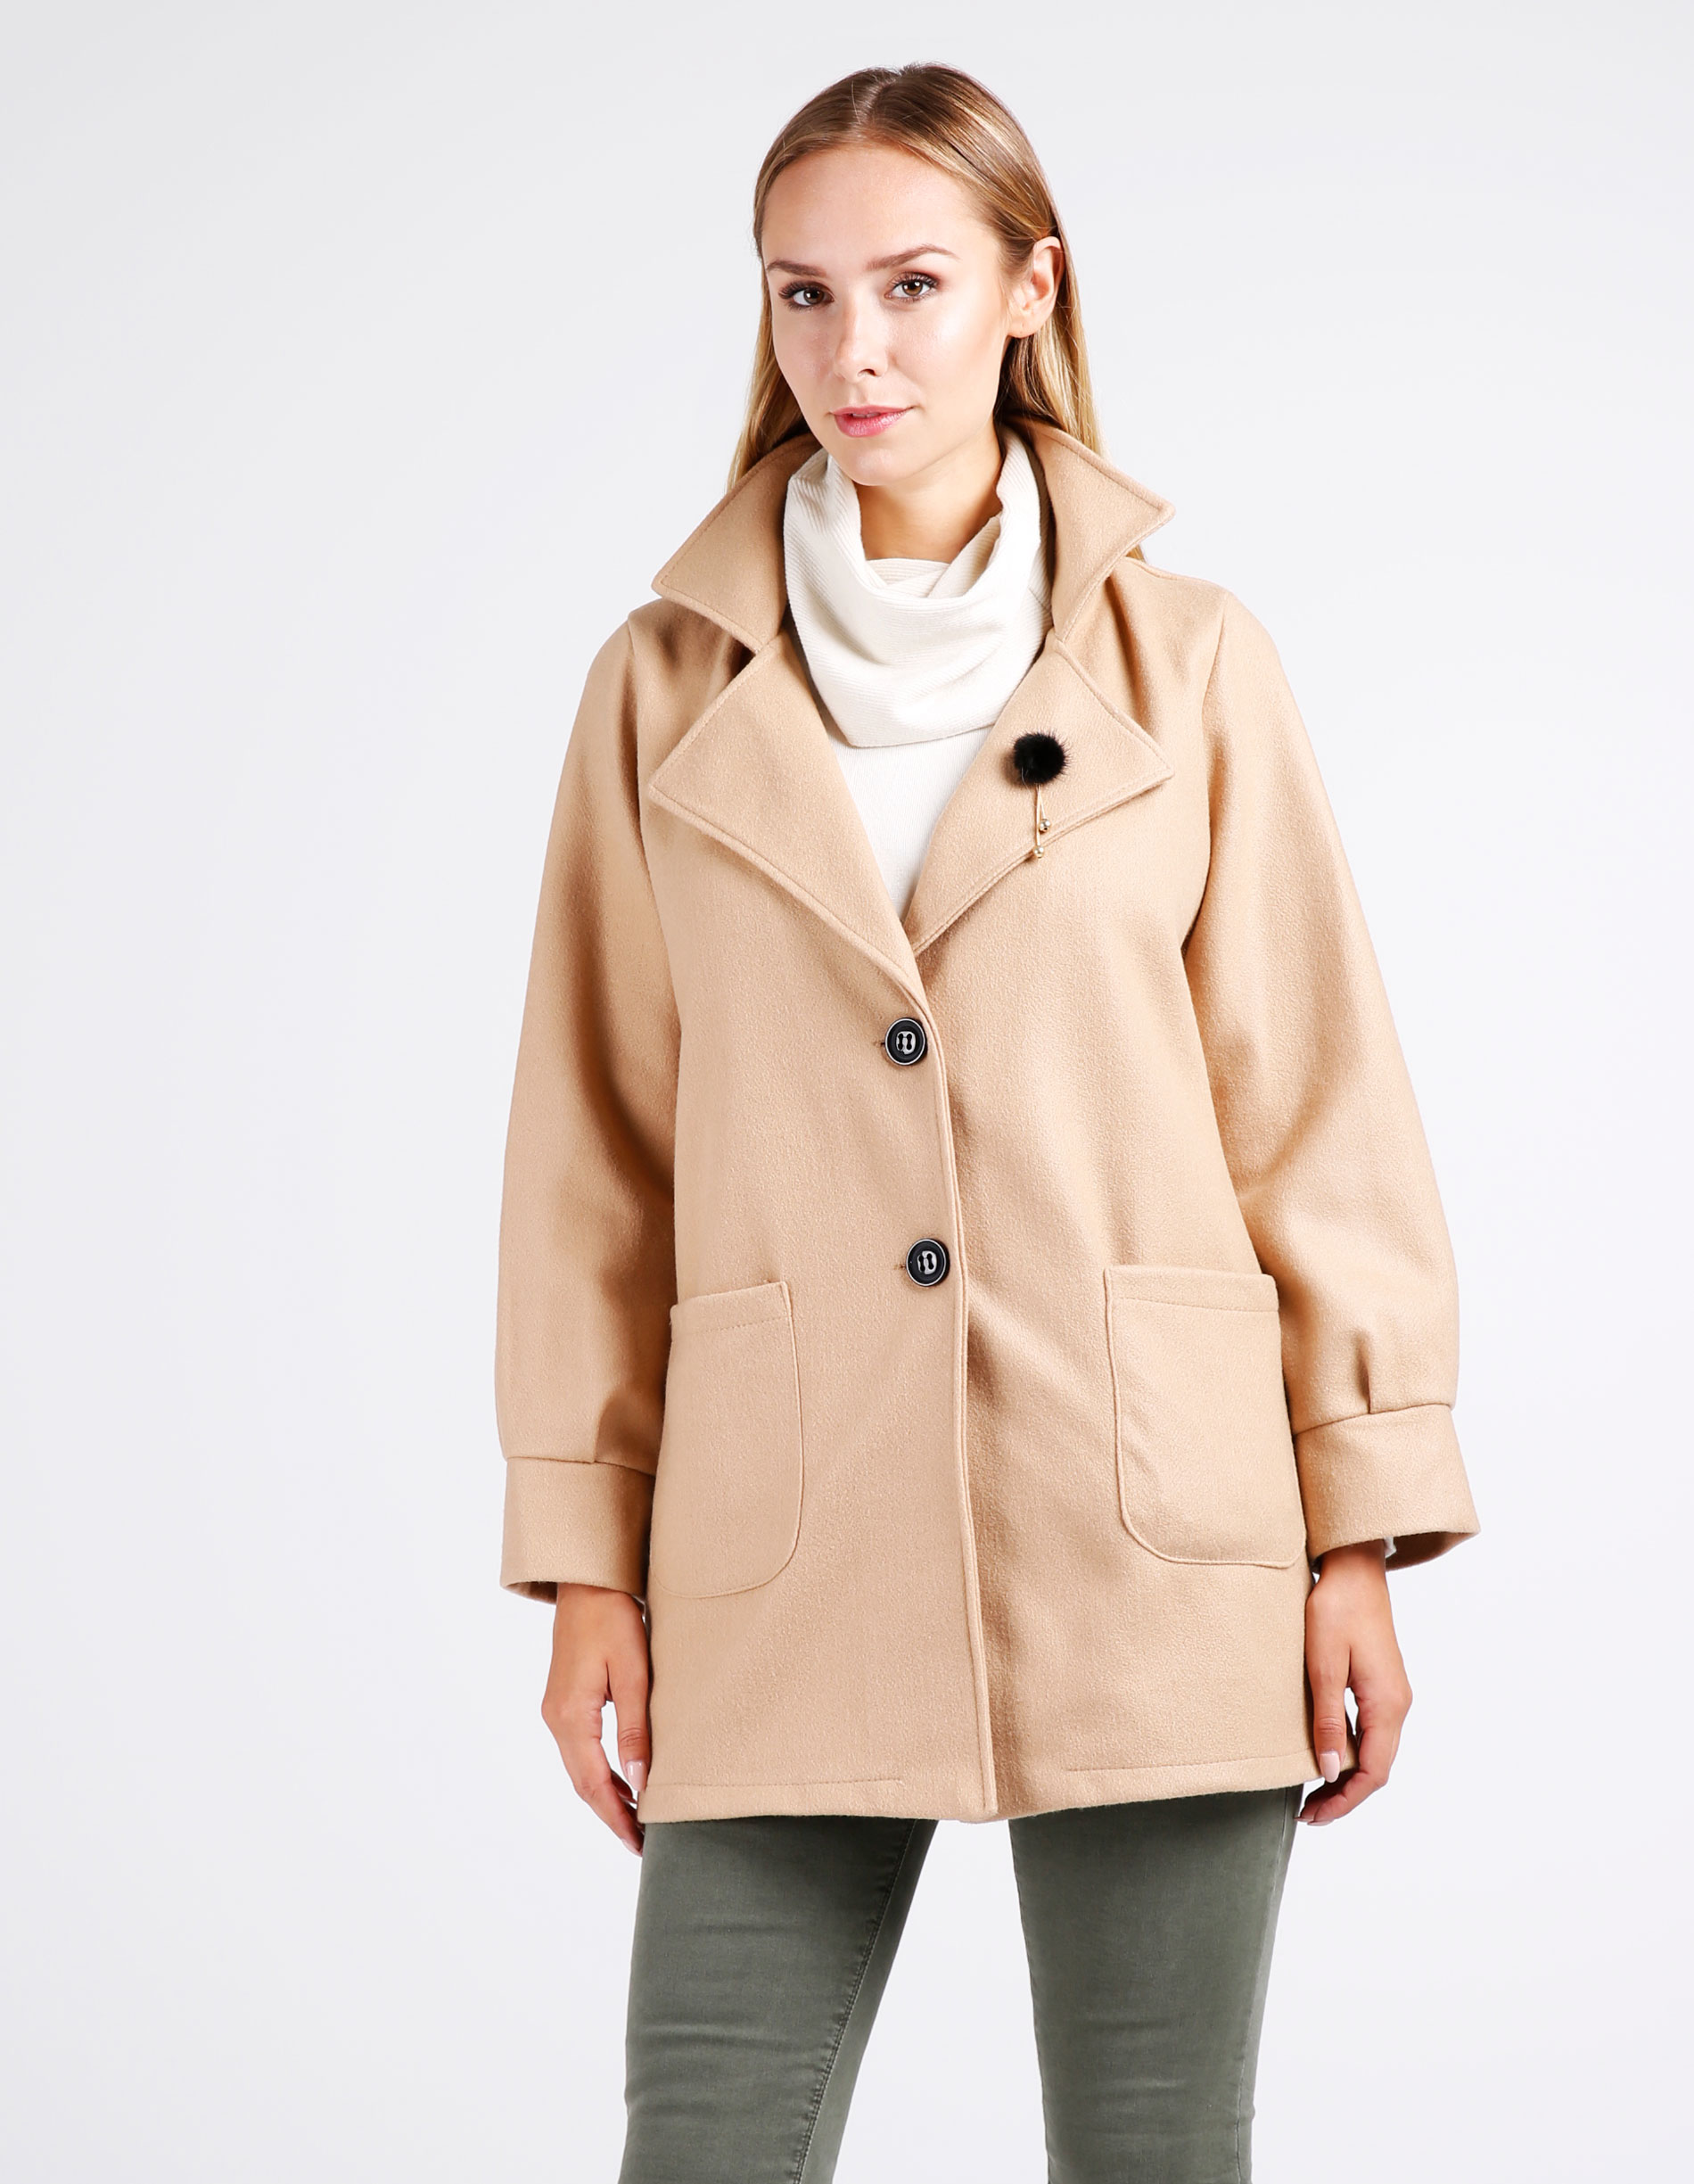 Płaszcz materiałowy - 65-6278 CAMEL - Unisono